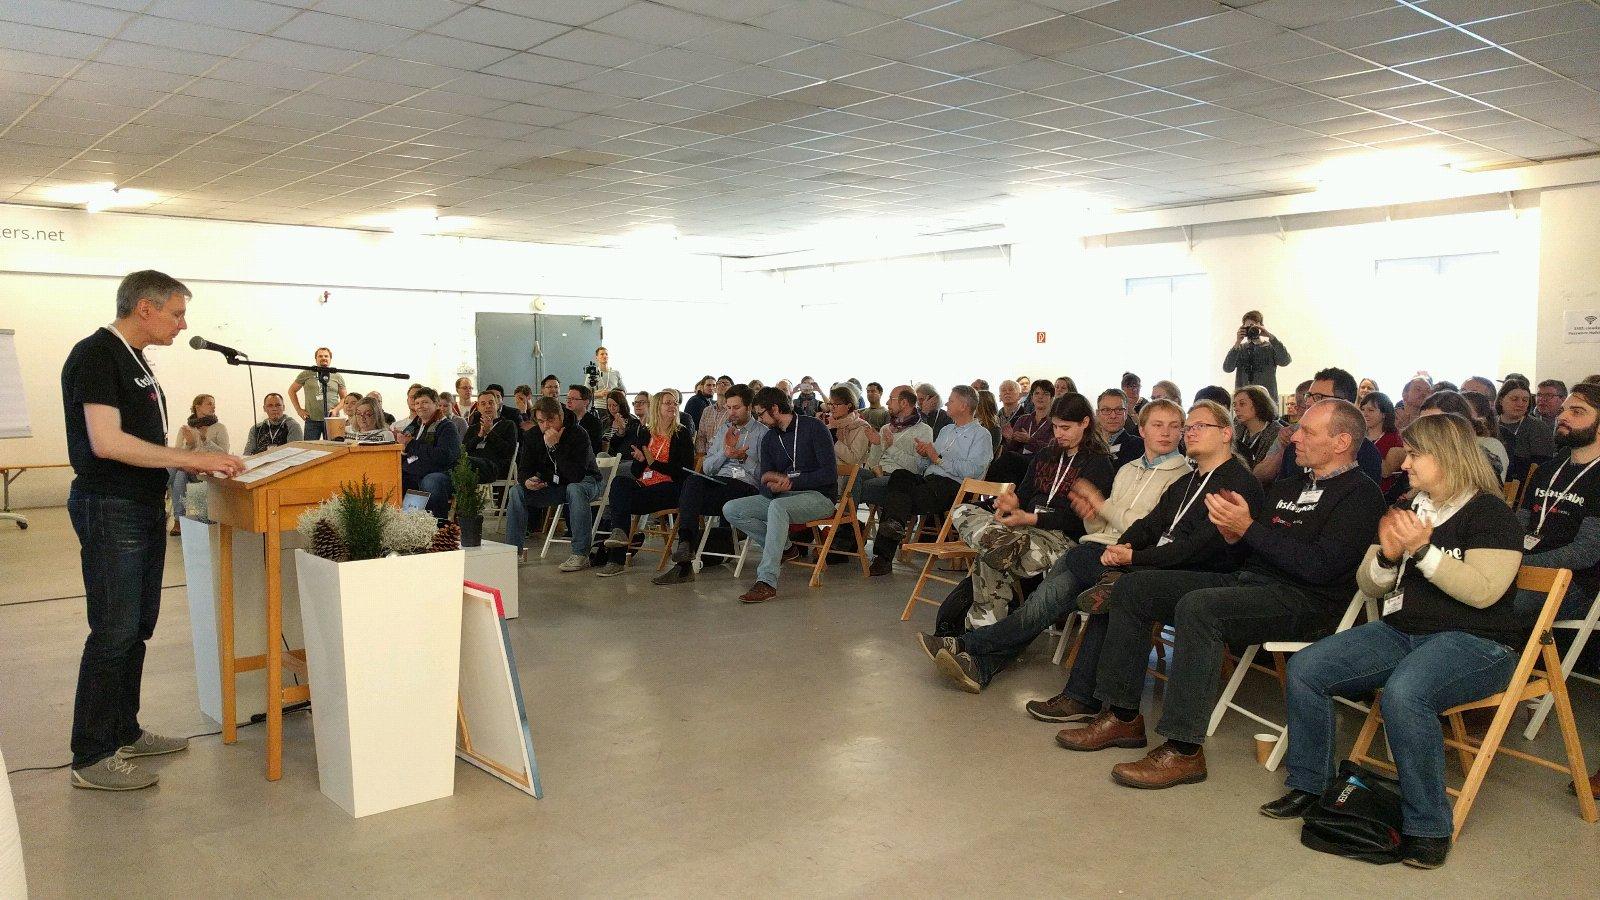 Wir schreiben Geschichte, das erste #Barcamp Lübeck startet jetzt #bchl16 https://t.co/Sw7SpilKnR